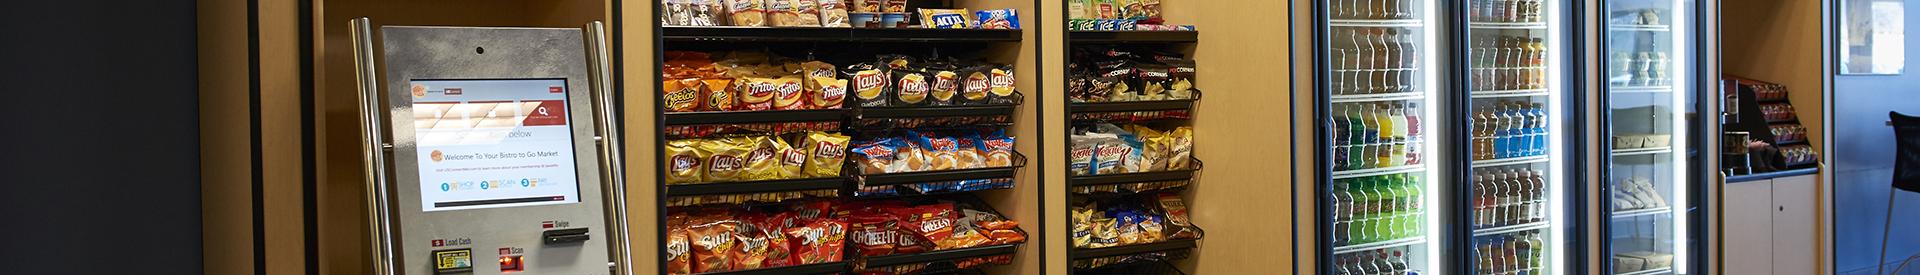 CL Vending's self-checkout markets